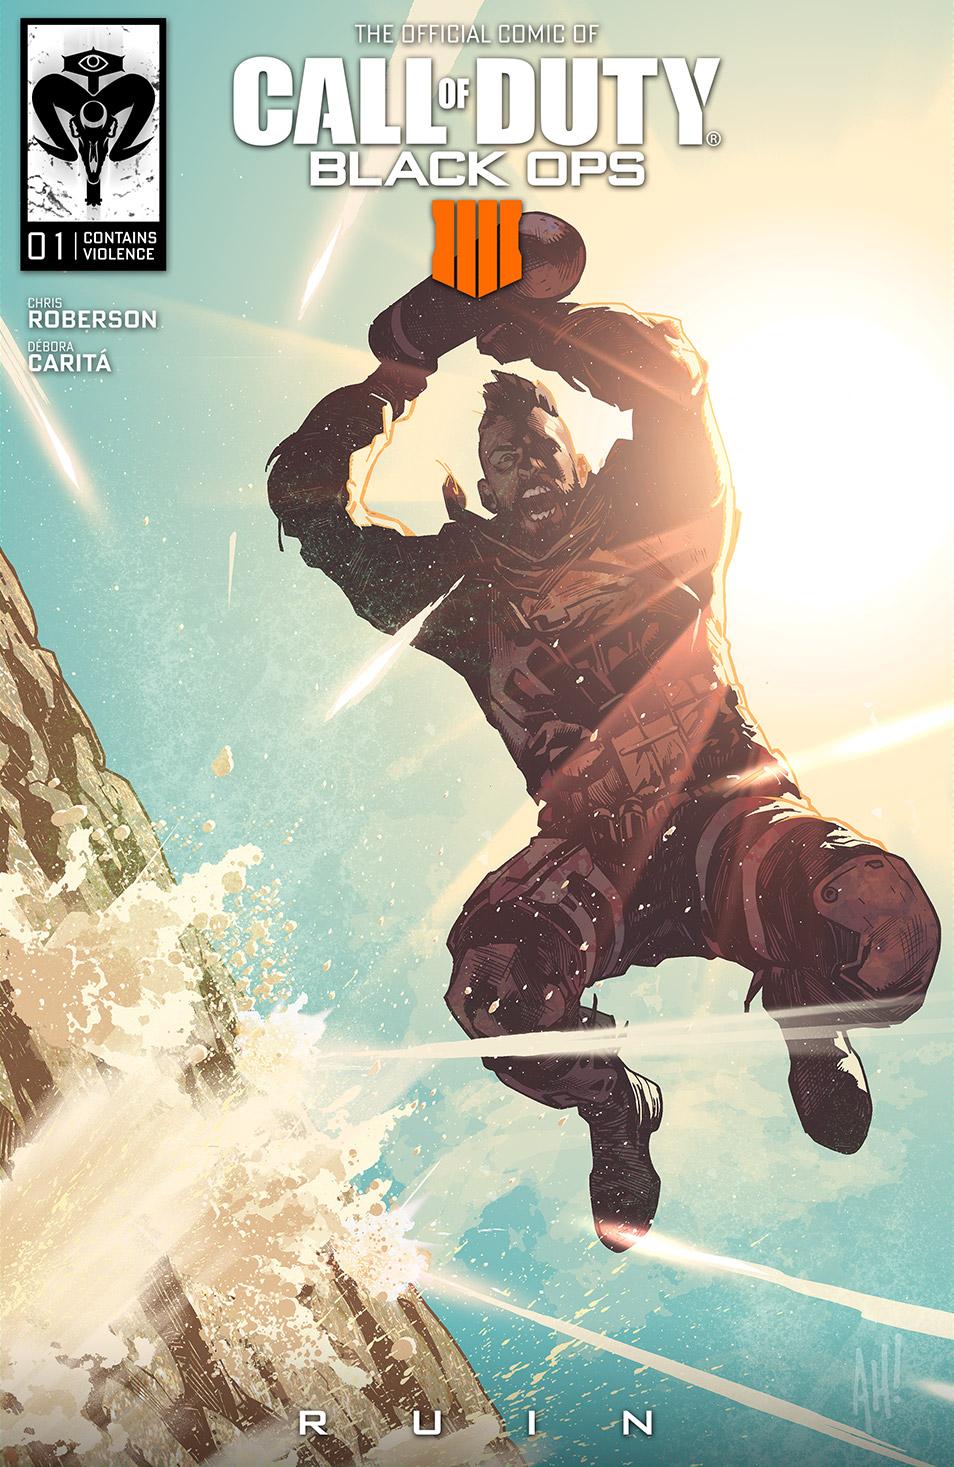 《任政号召唤15》官方漫画上线 避免费、但没拥有拥有华语版